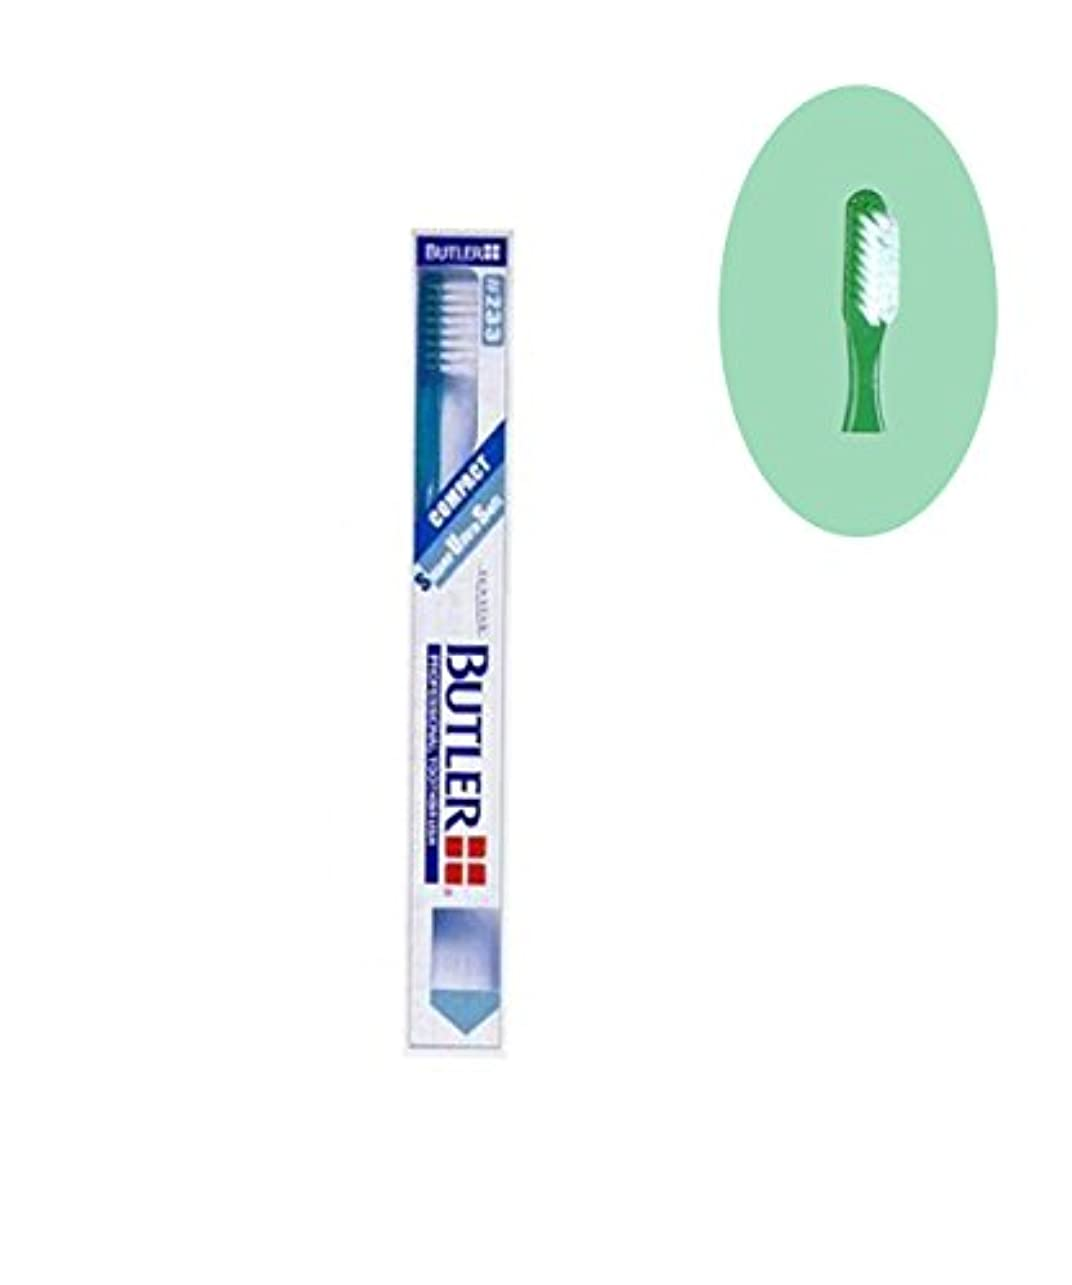 無駄な類似性国民サンスター バトラー 歯ブラシ #233